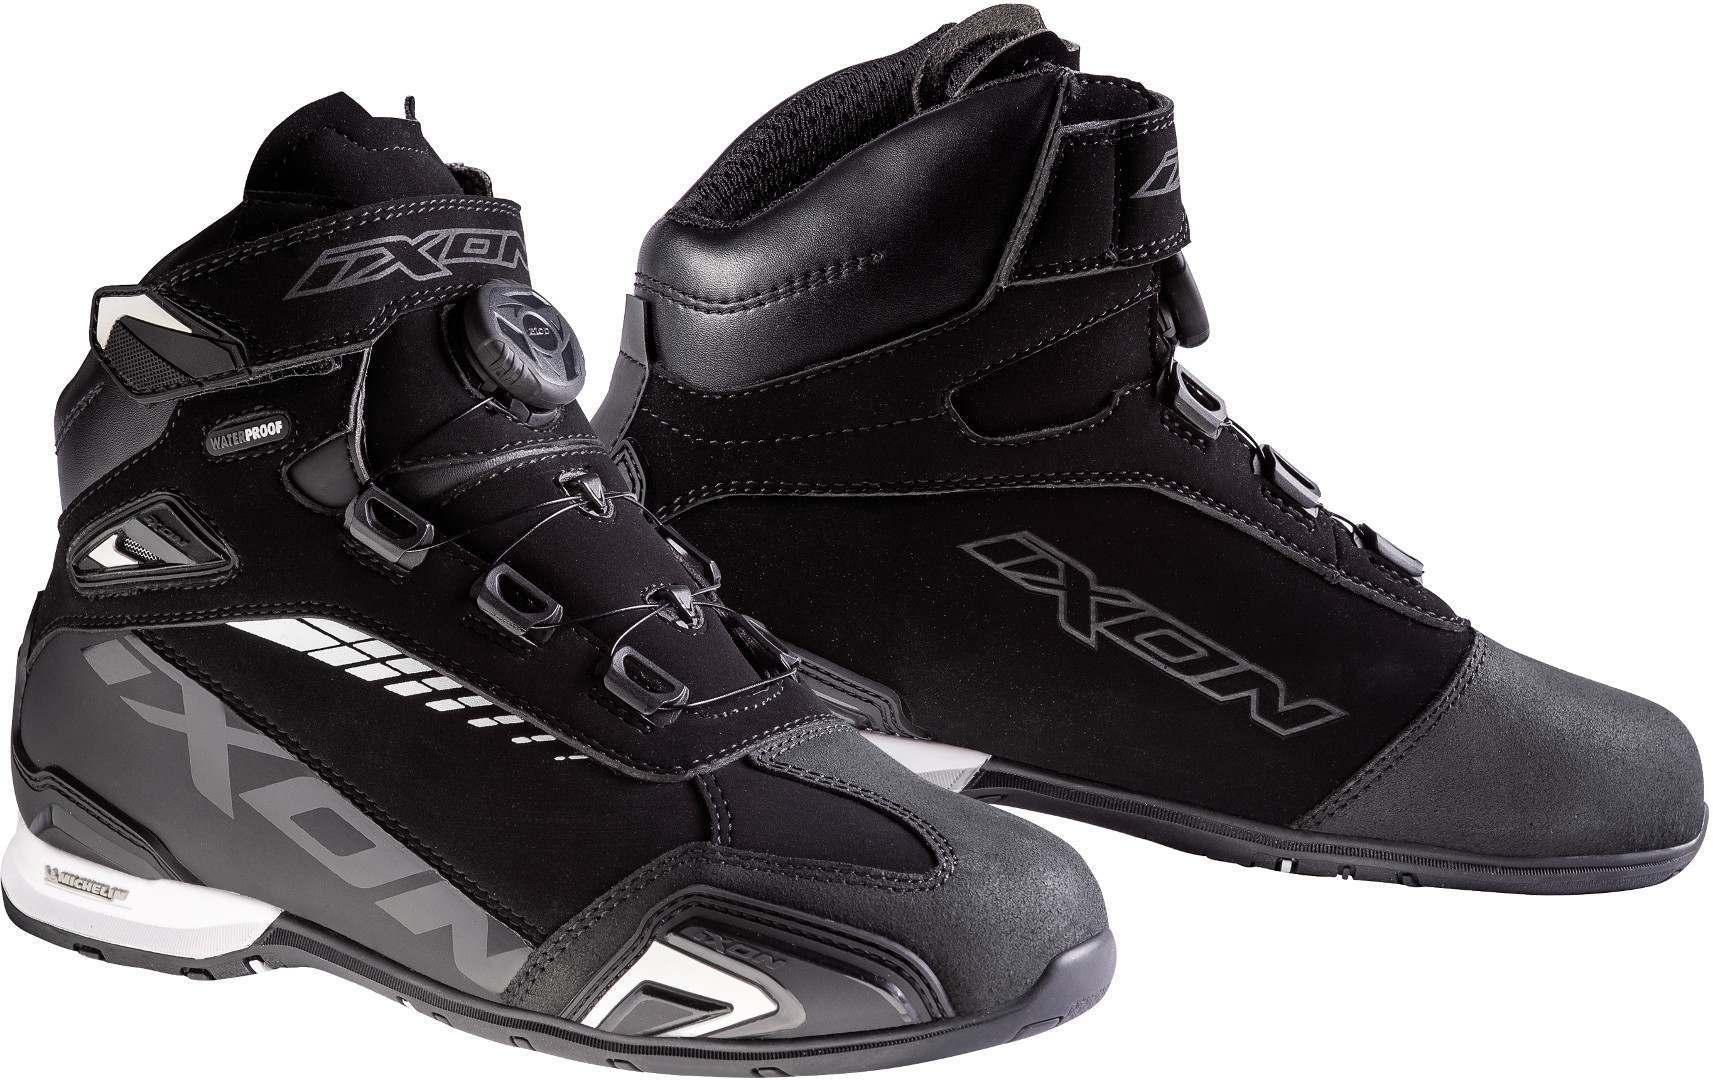 Ixon Bull WP L Ladies chaussures de moto Noir Blanc taille : 38